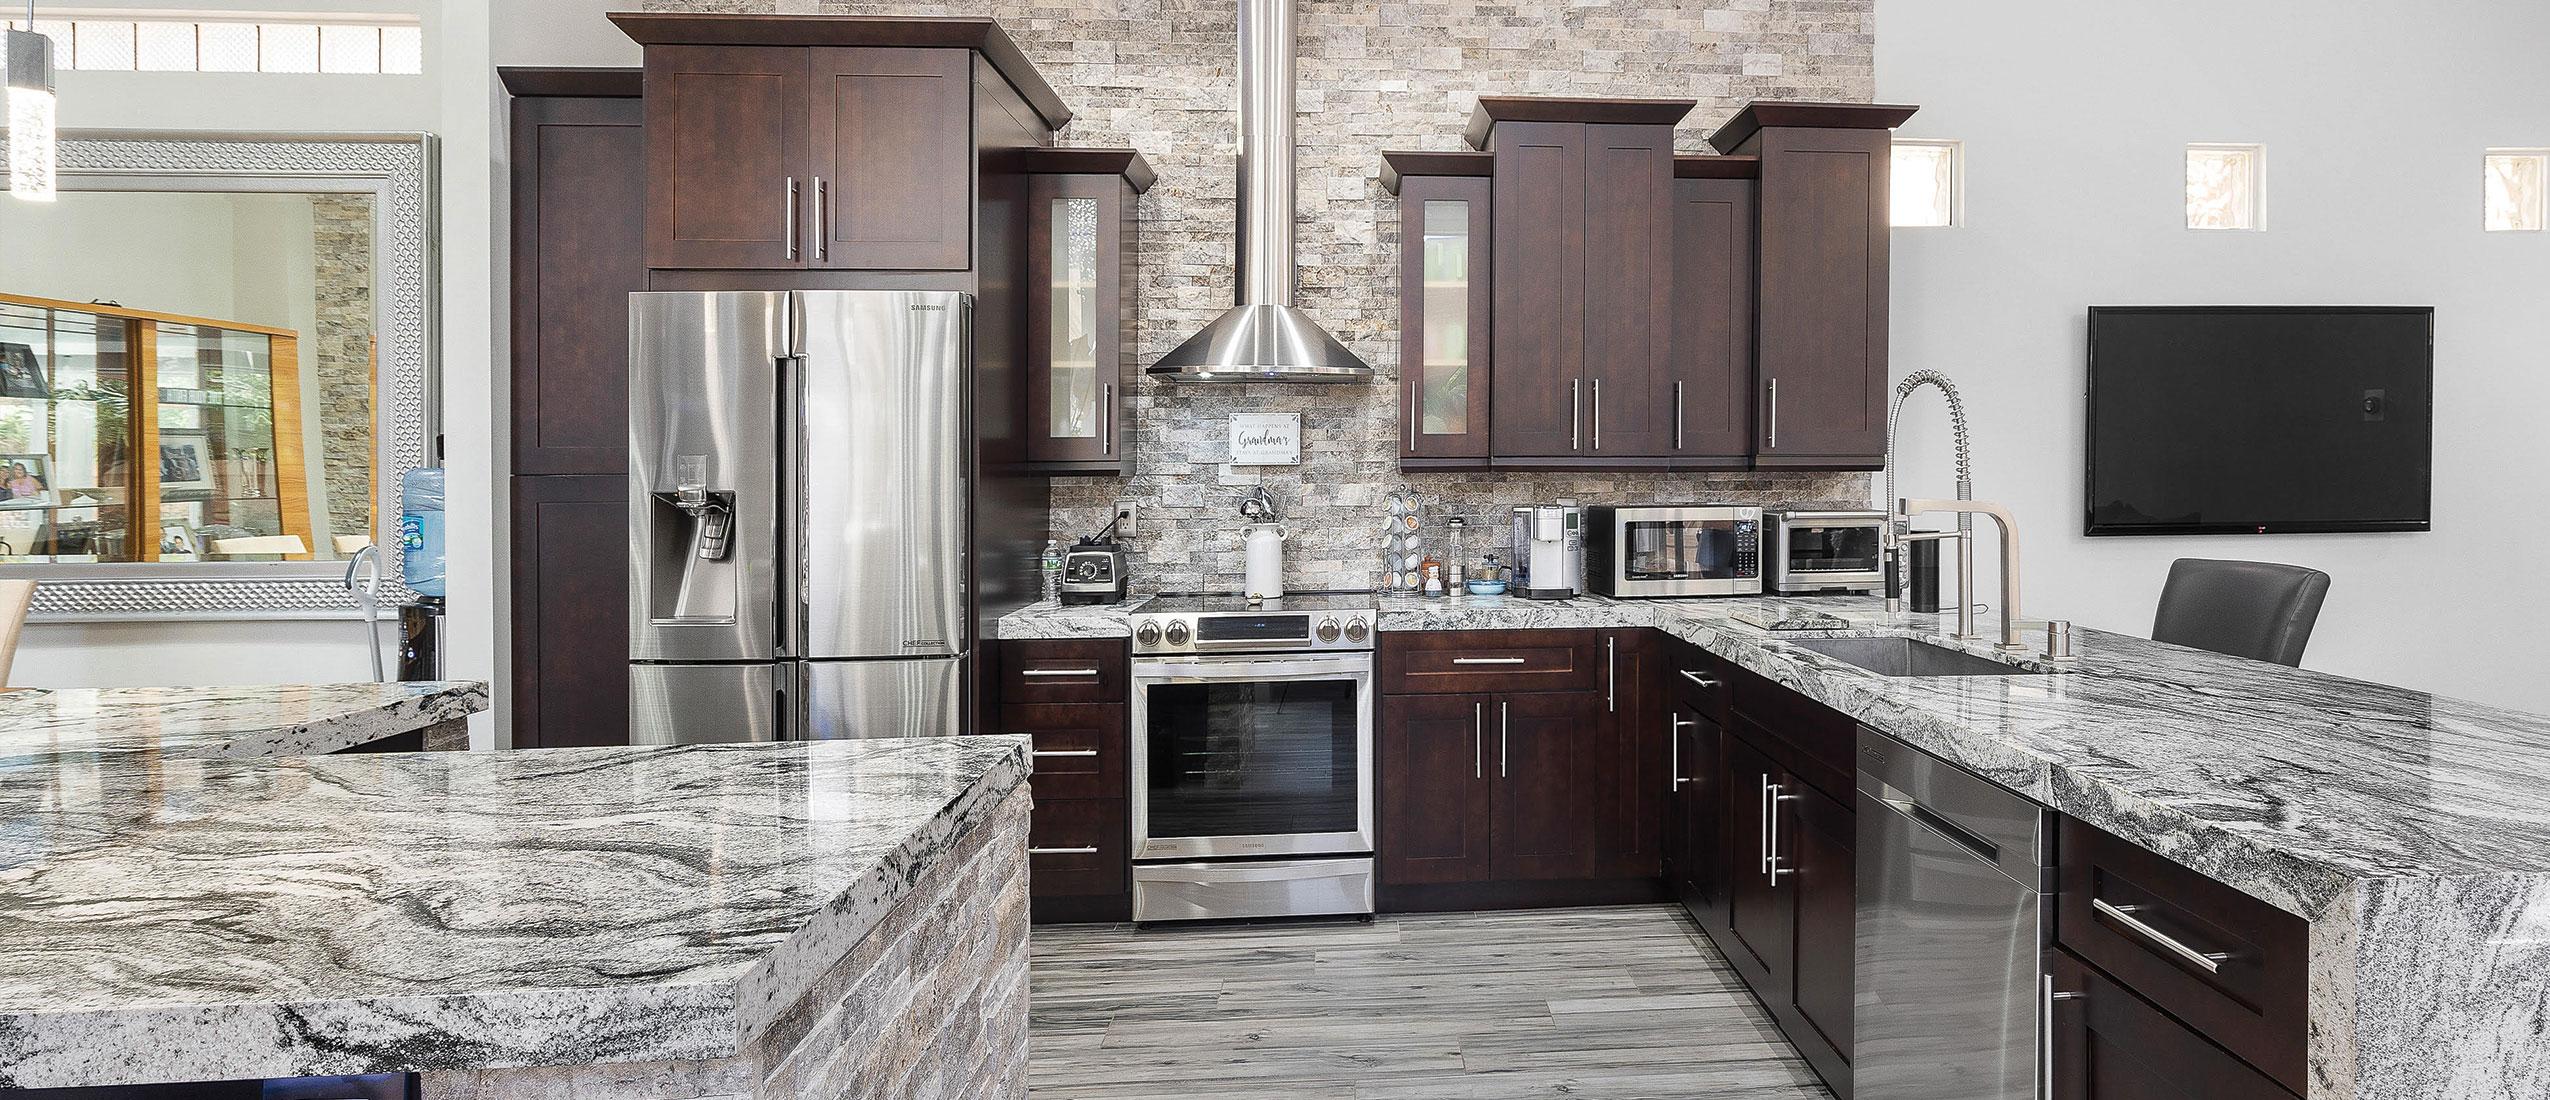 Elegant & Stylish Kitchen Remodeling